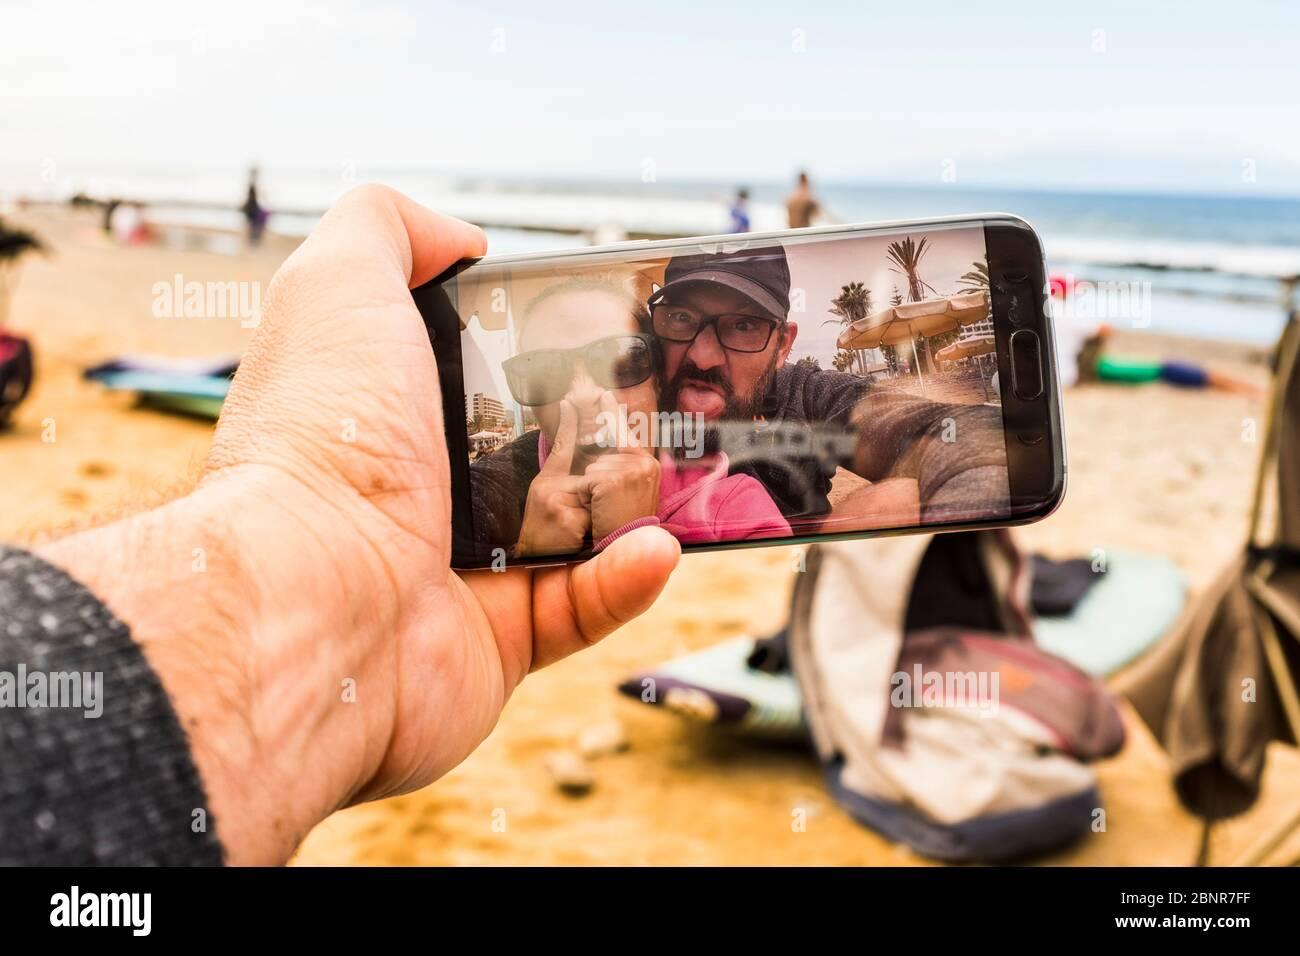 Un par de adultos locos y mujeres en la videollamada en la playa haciendo expresión divertida - gente feliz con tecnología teléfono hacer loco - alegría y buenos adultos en la playa durante las vacaciones Foto de stock